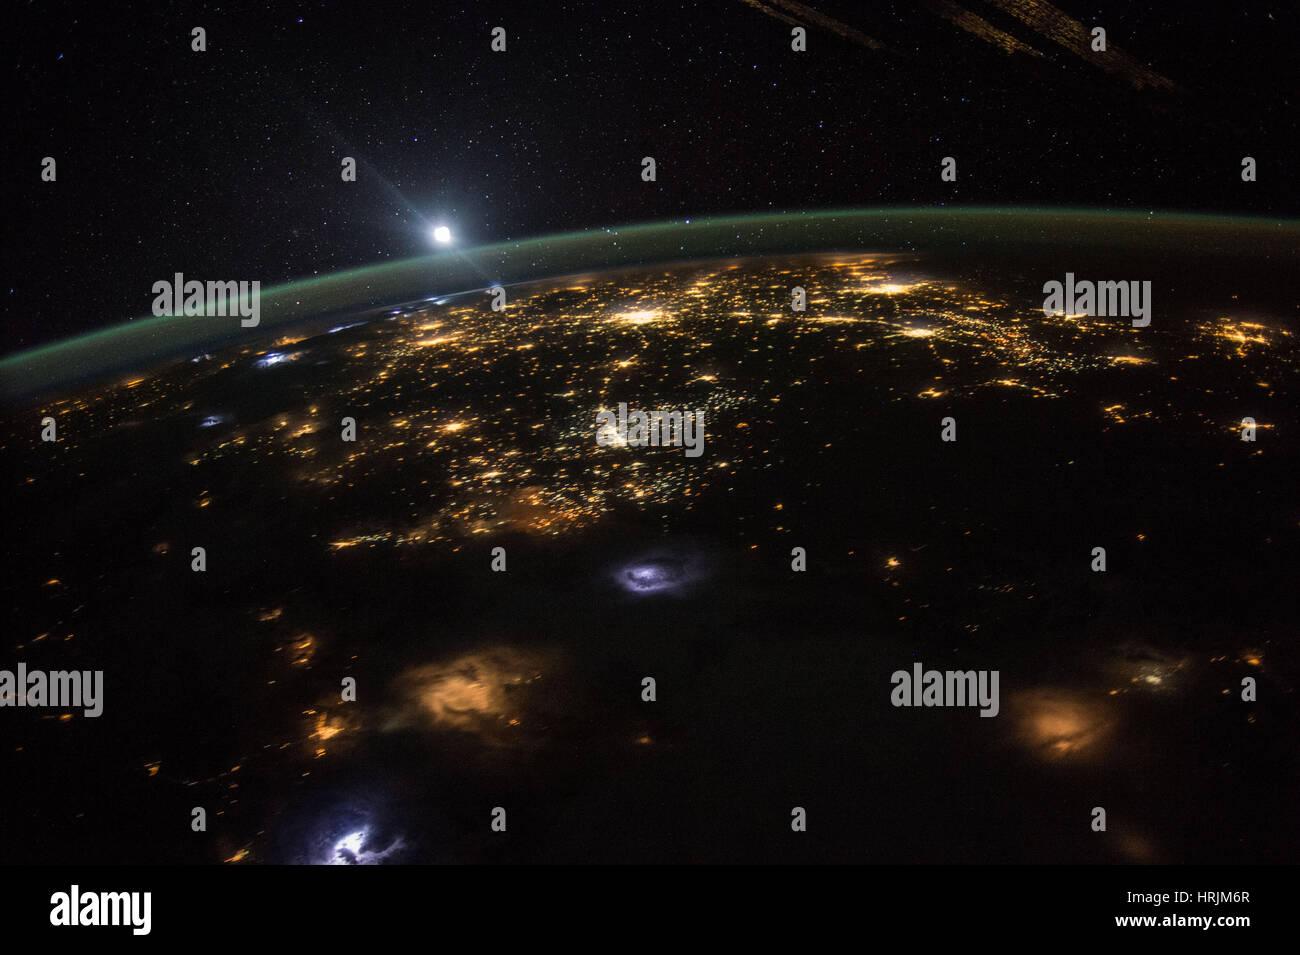 Sunrise over Western United States - Stock Image